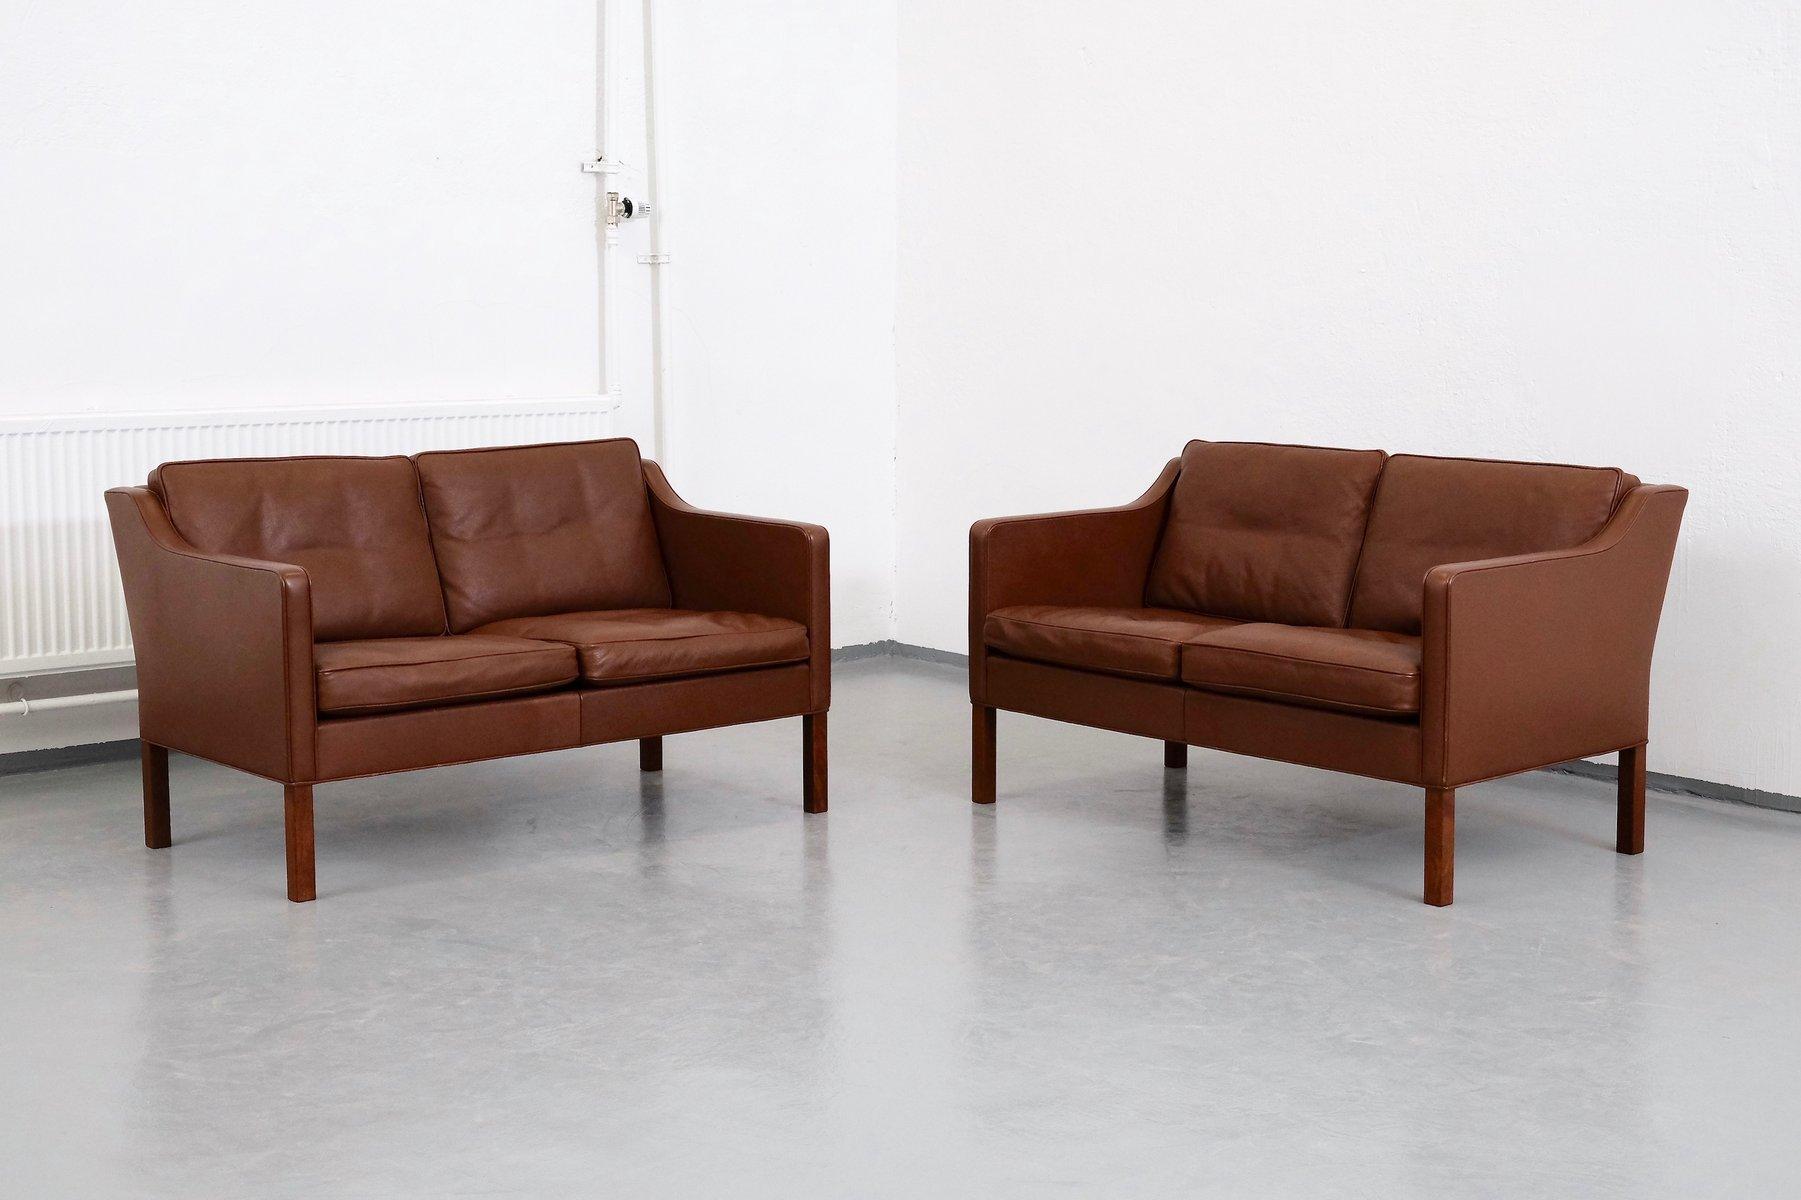 Braune Modell 2422 Leder 2-Sitzer Sofas von Børge Mogensen für Frederi...